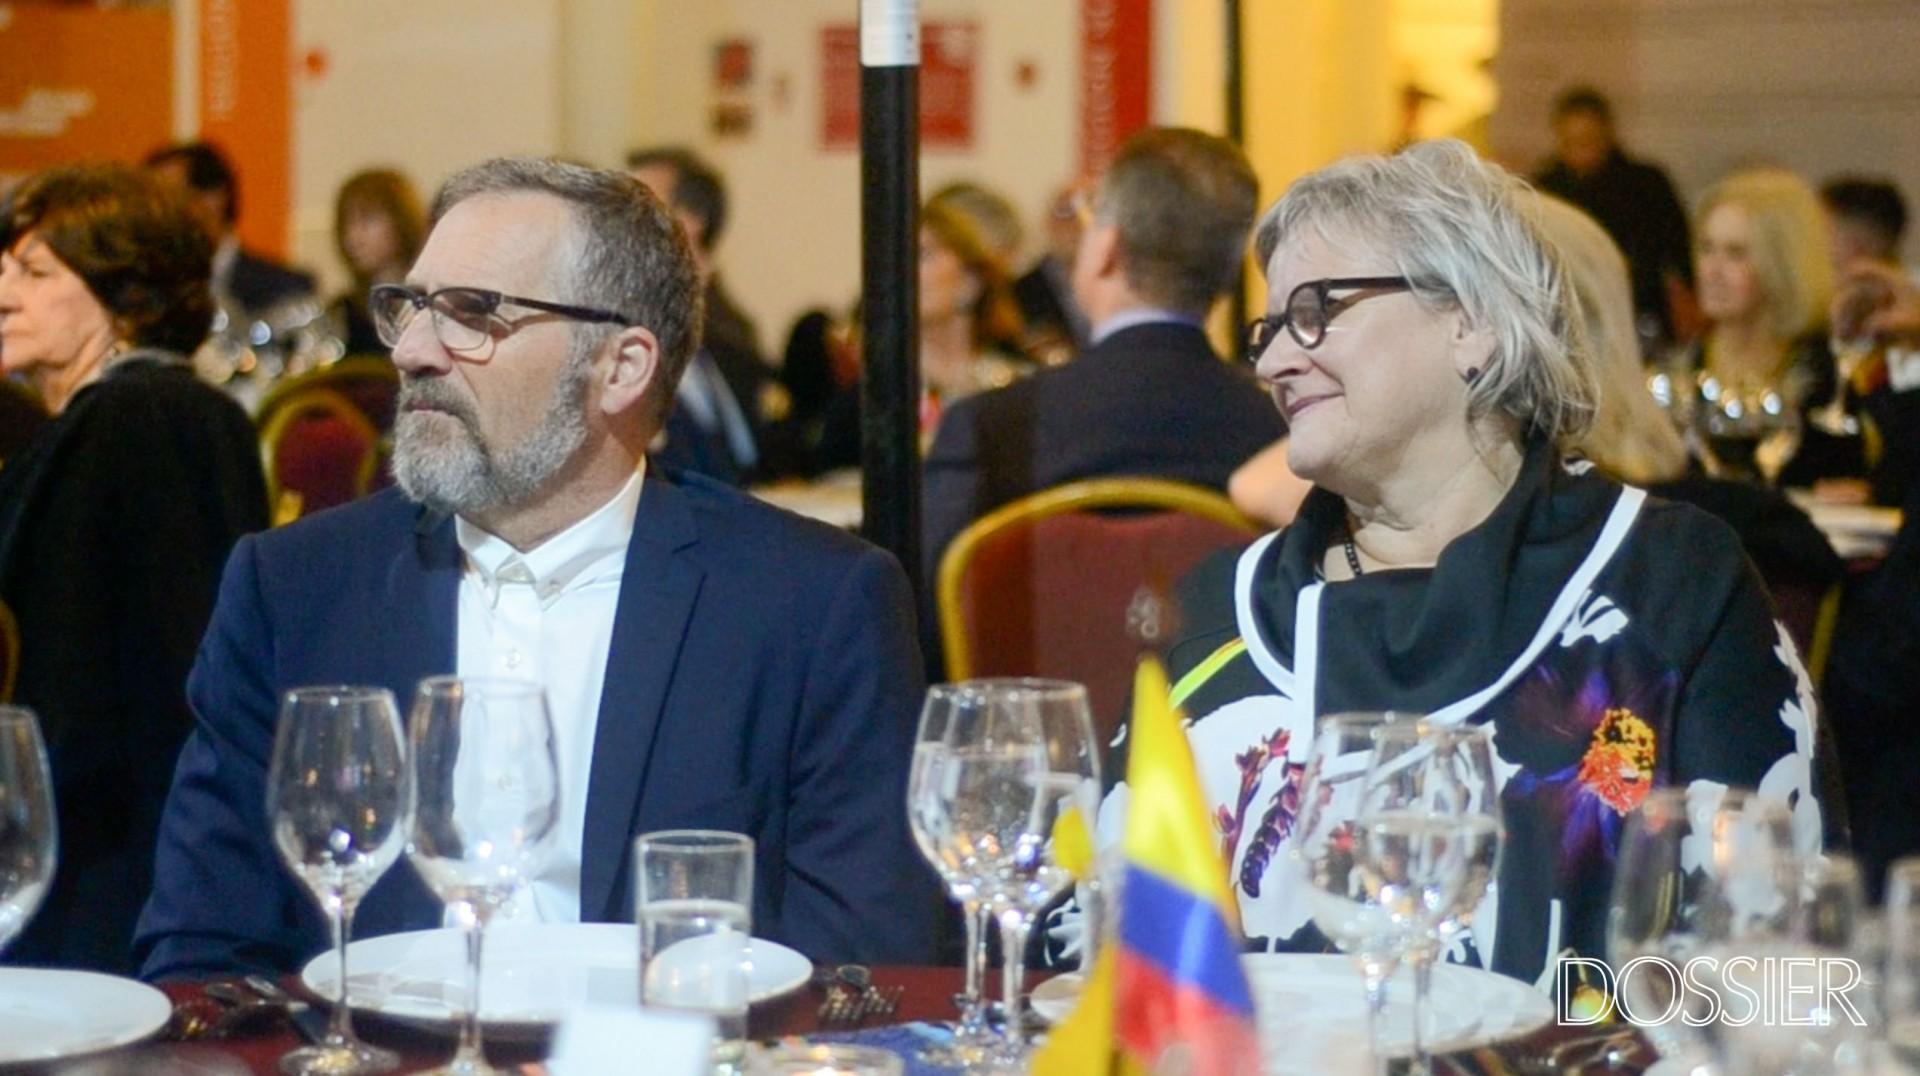 Albert Potvin y la Embajadora de Canadá en Uruguay Joanne Frappier